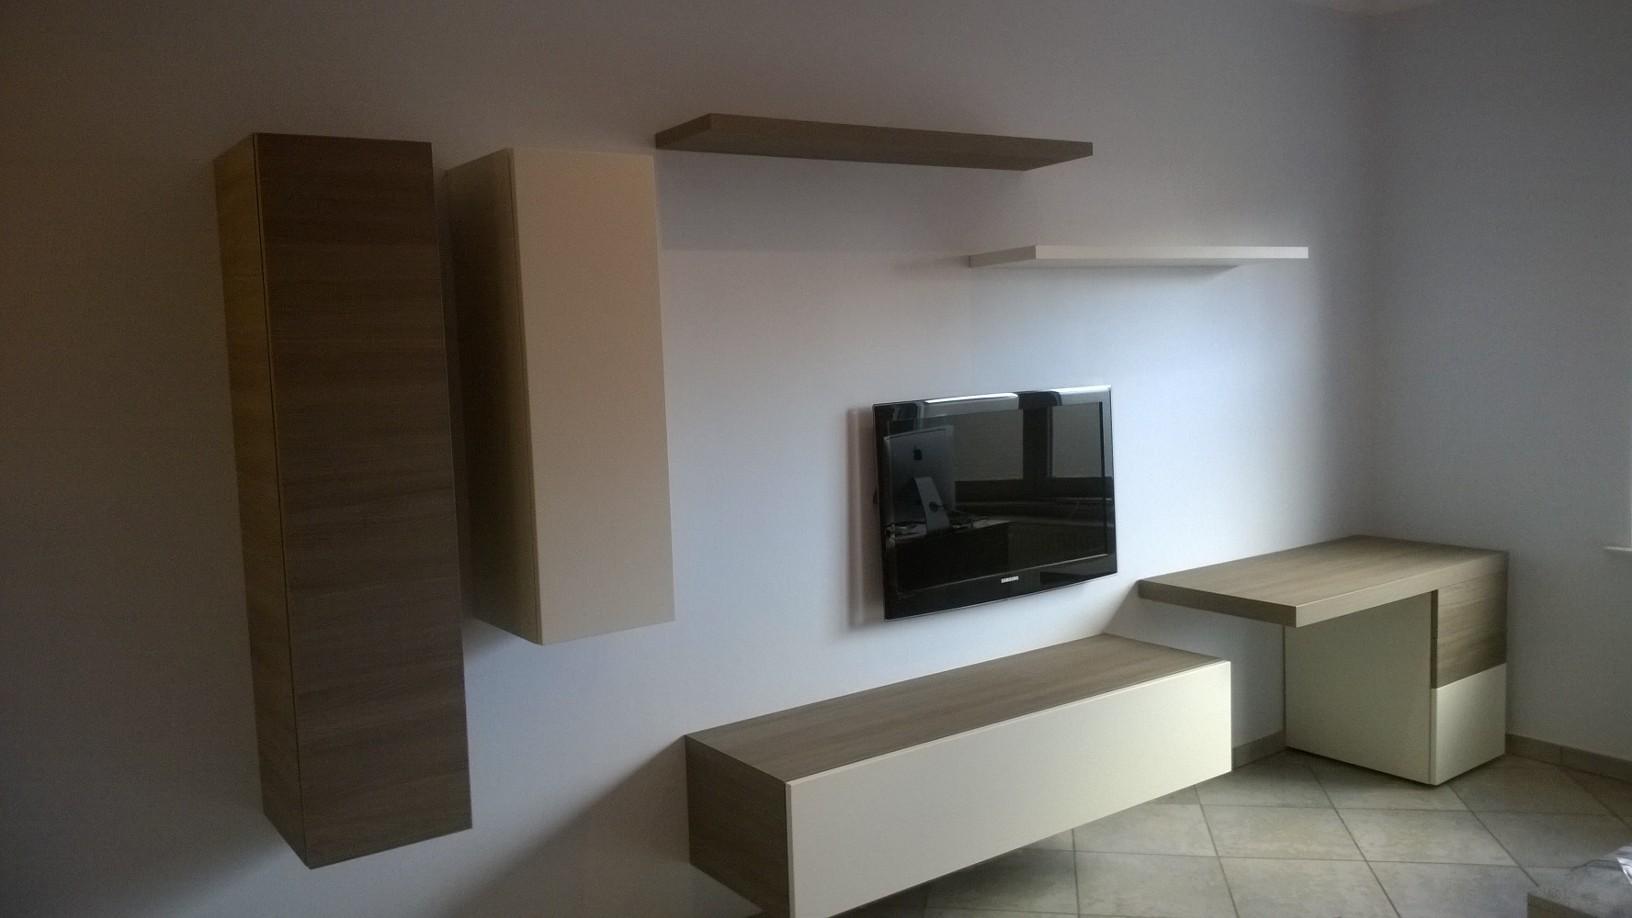 lalieux meubles charleroi. Black Bedroom Furniture Sets. Home Design Ideas